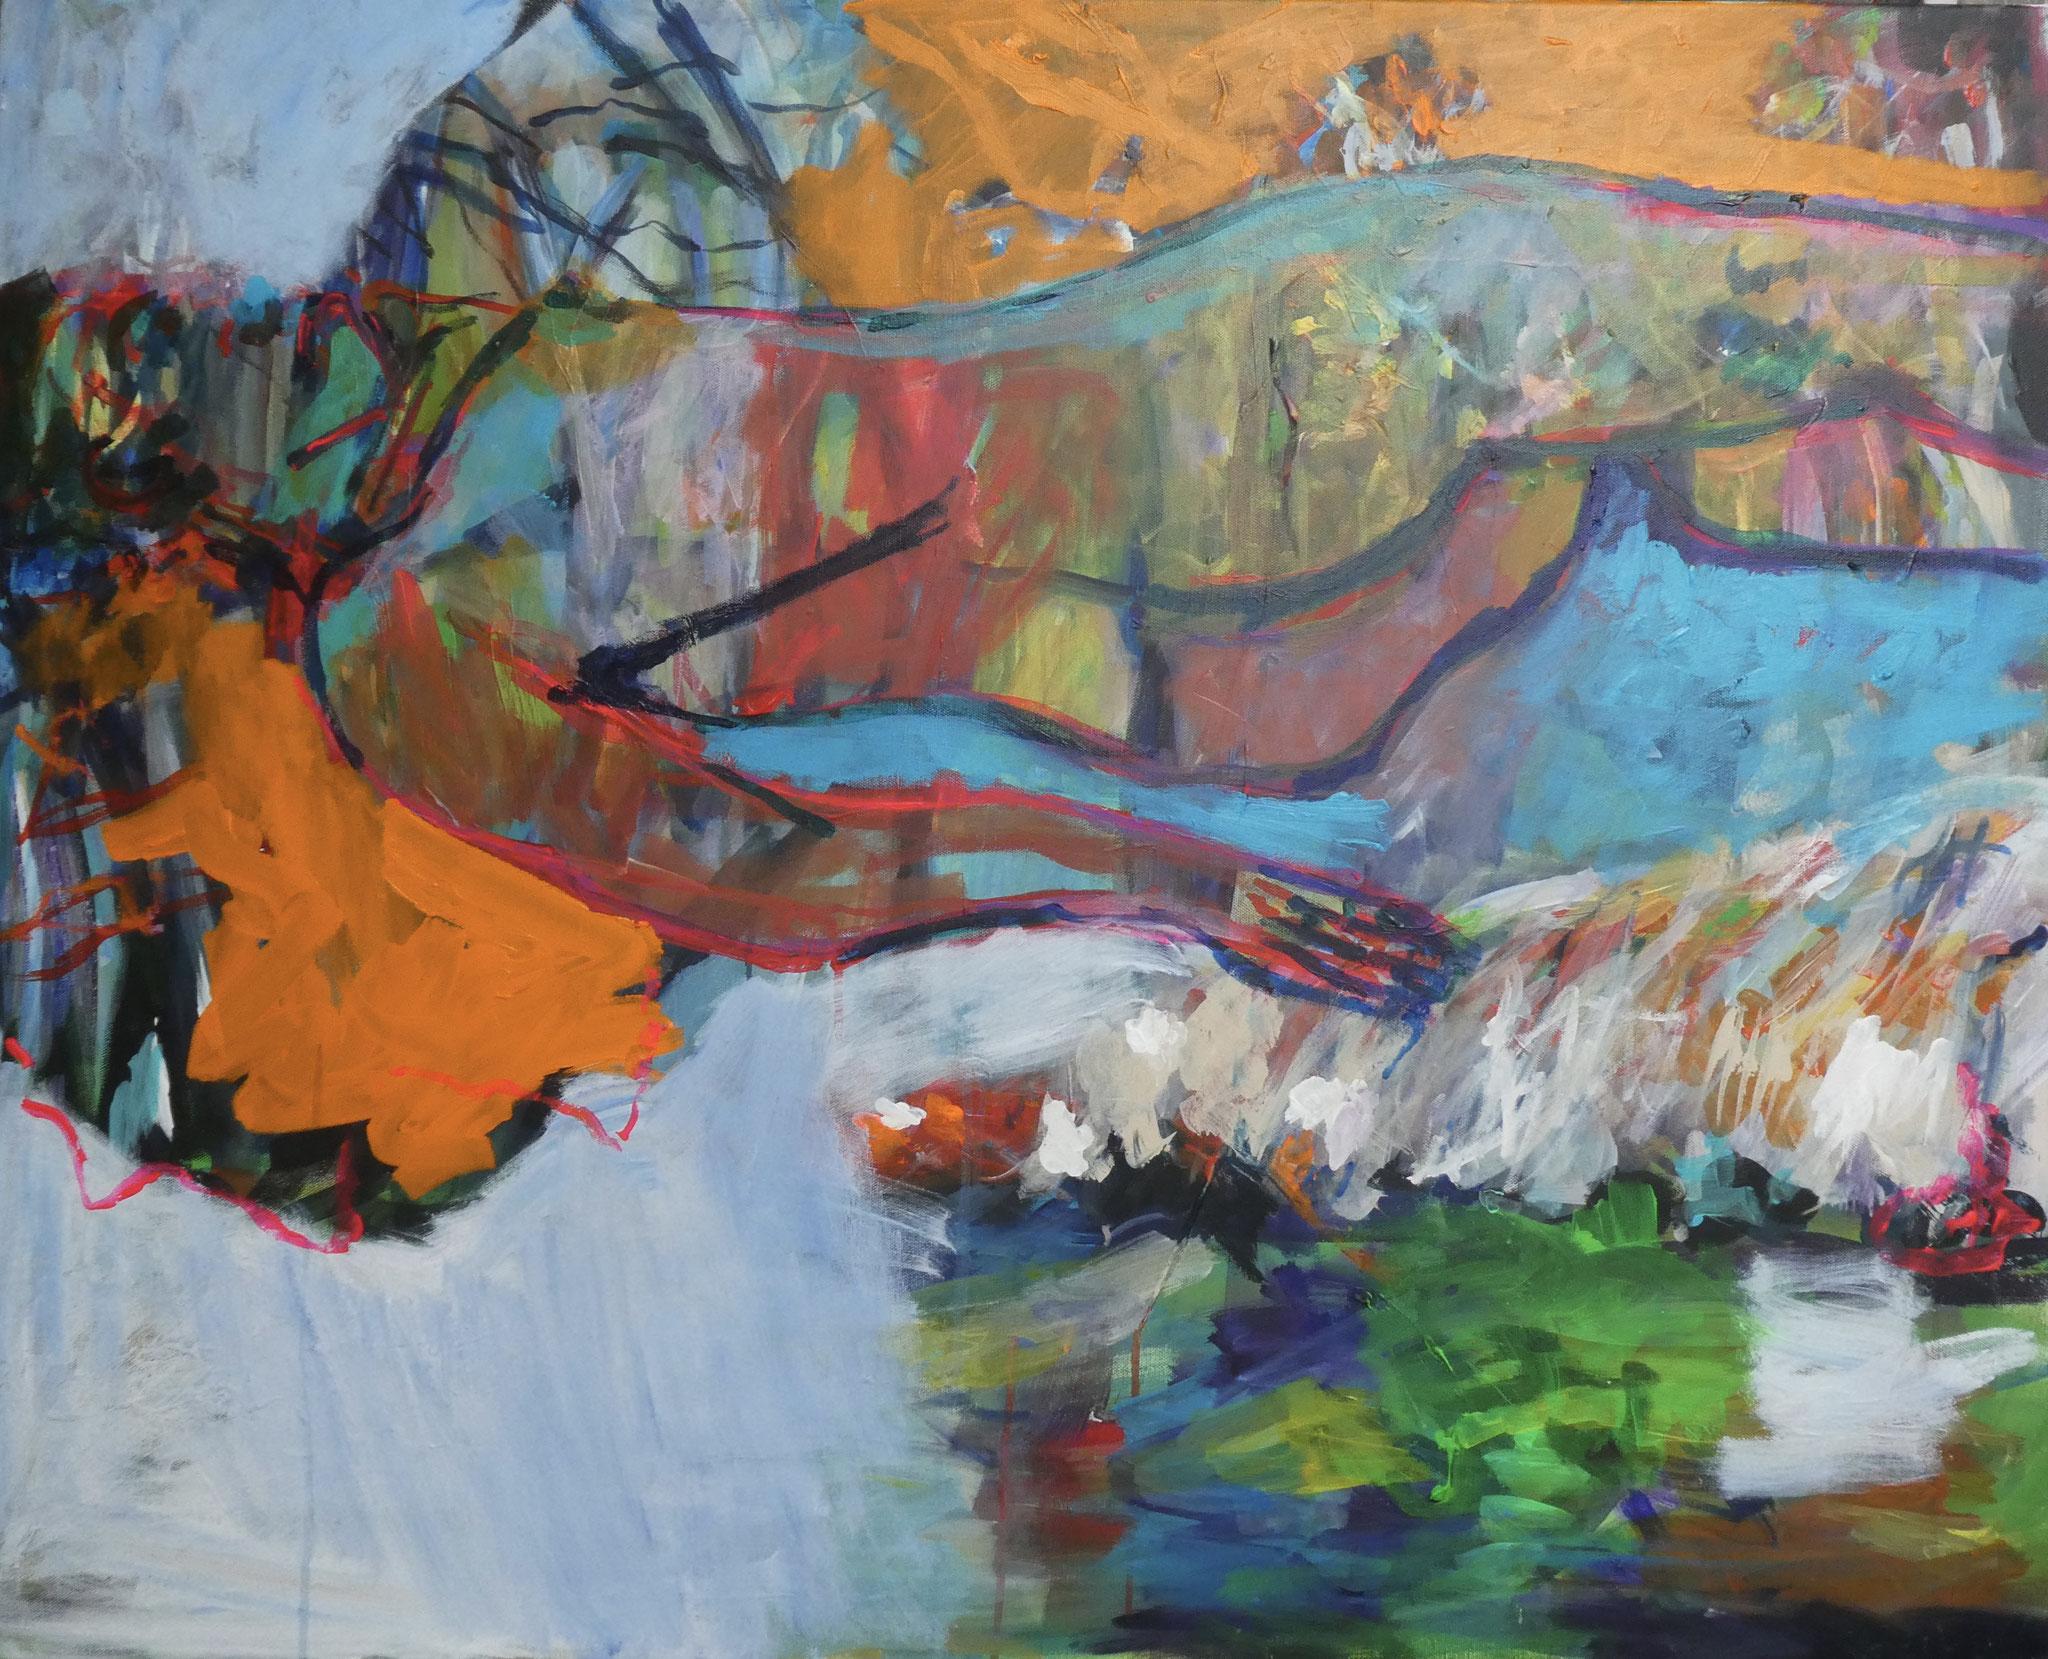 Akt 4, 80x100, acrylic on canvas